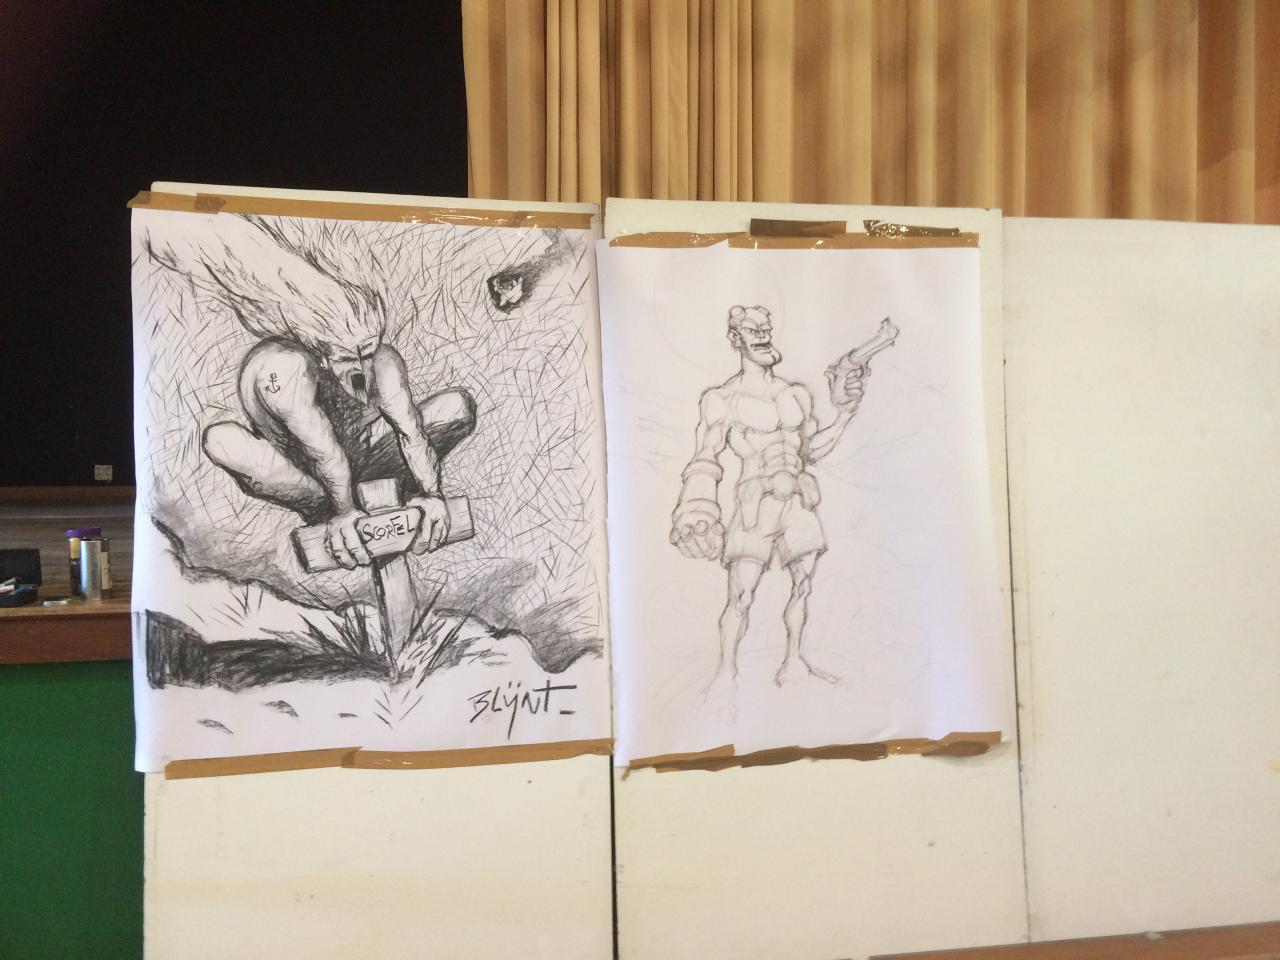 Battle d'illustrateurs ici Blÿnt et David Le Bec